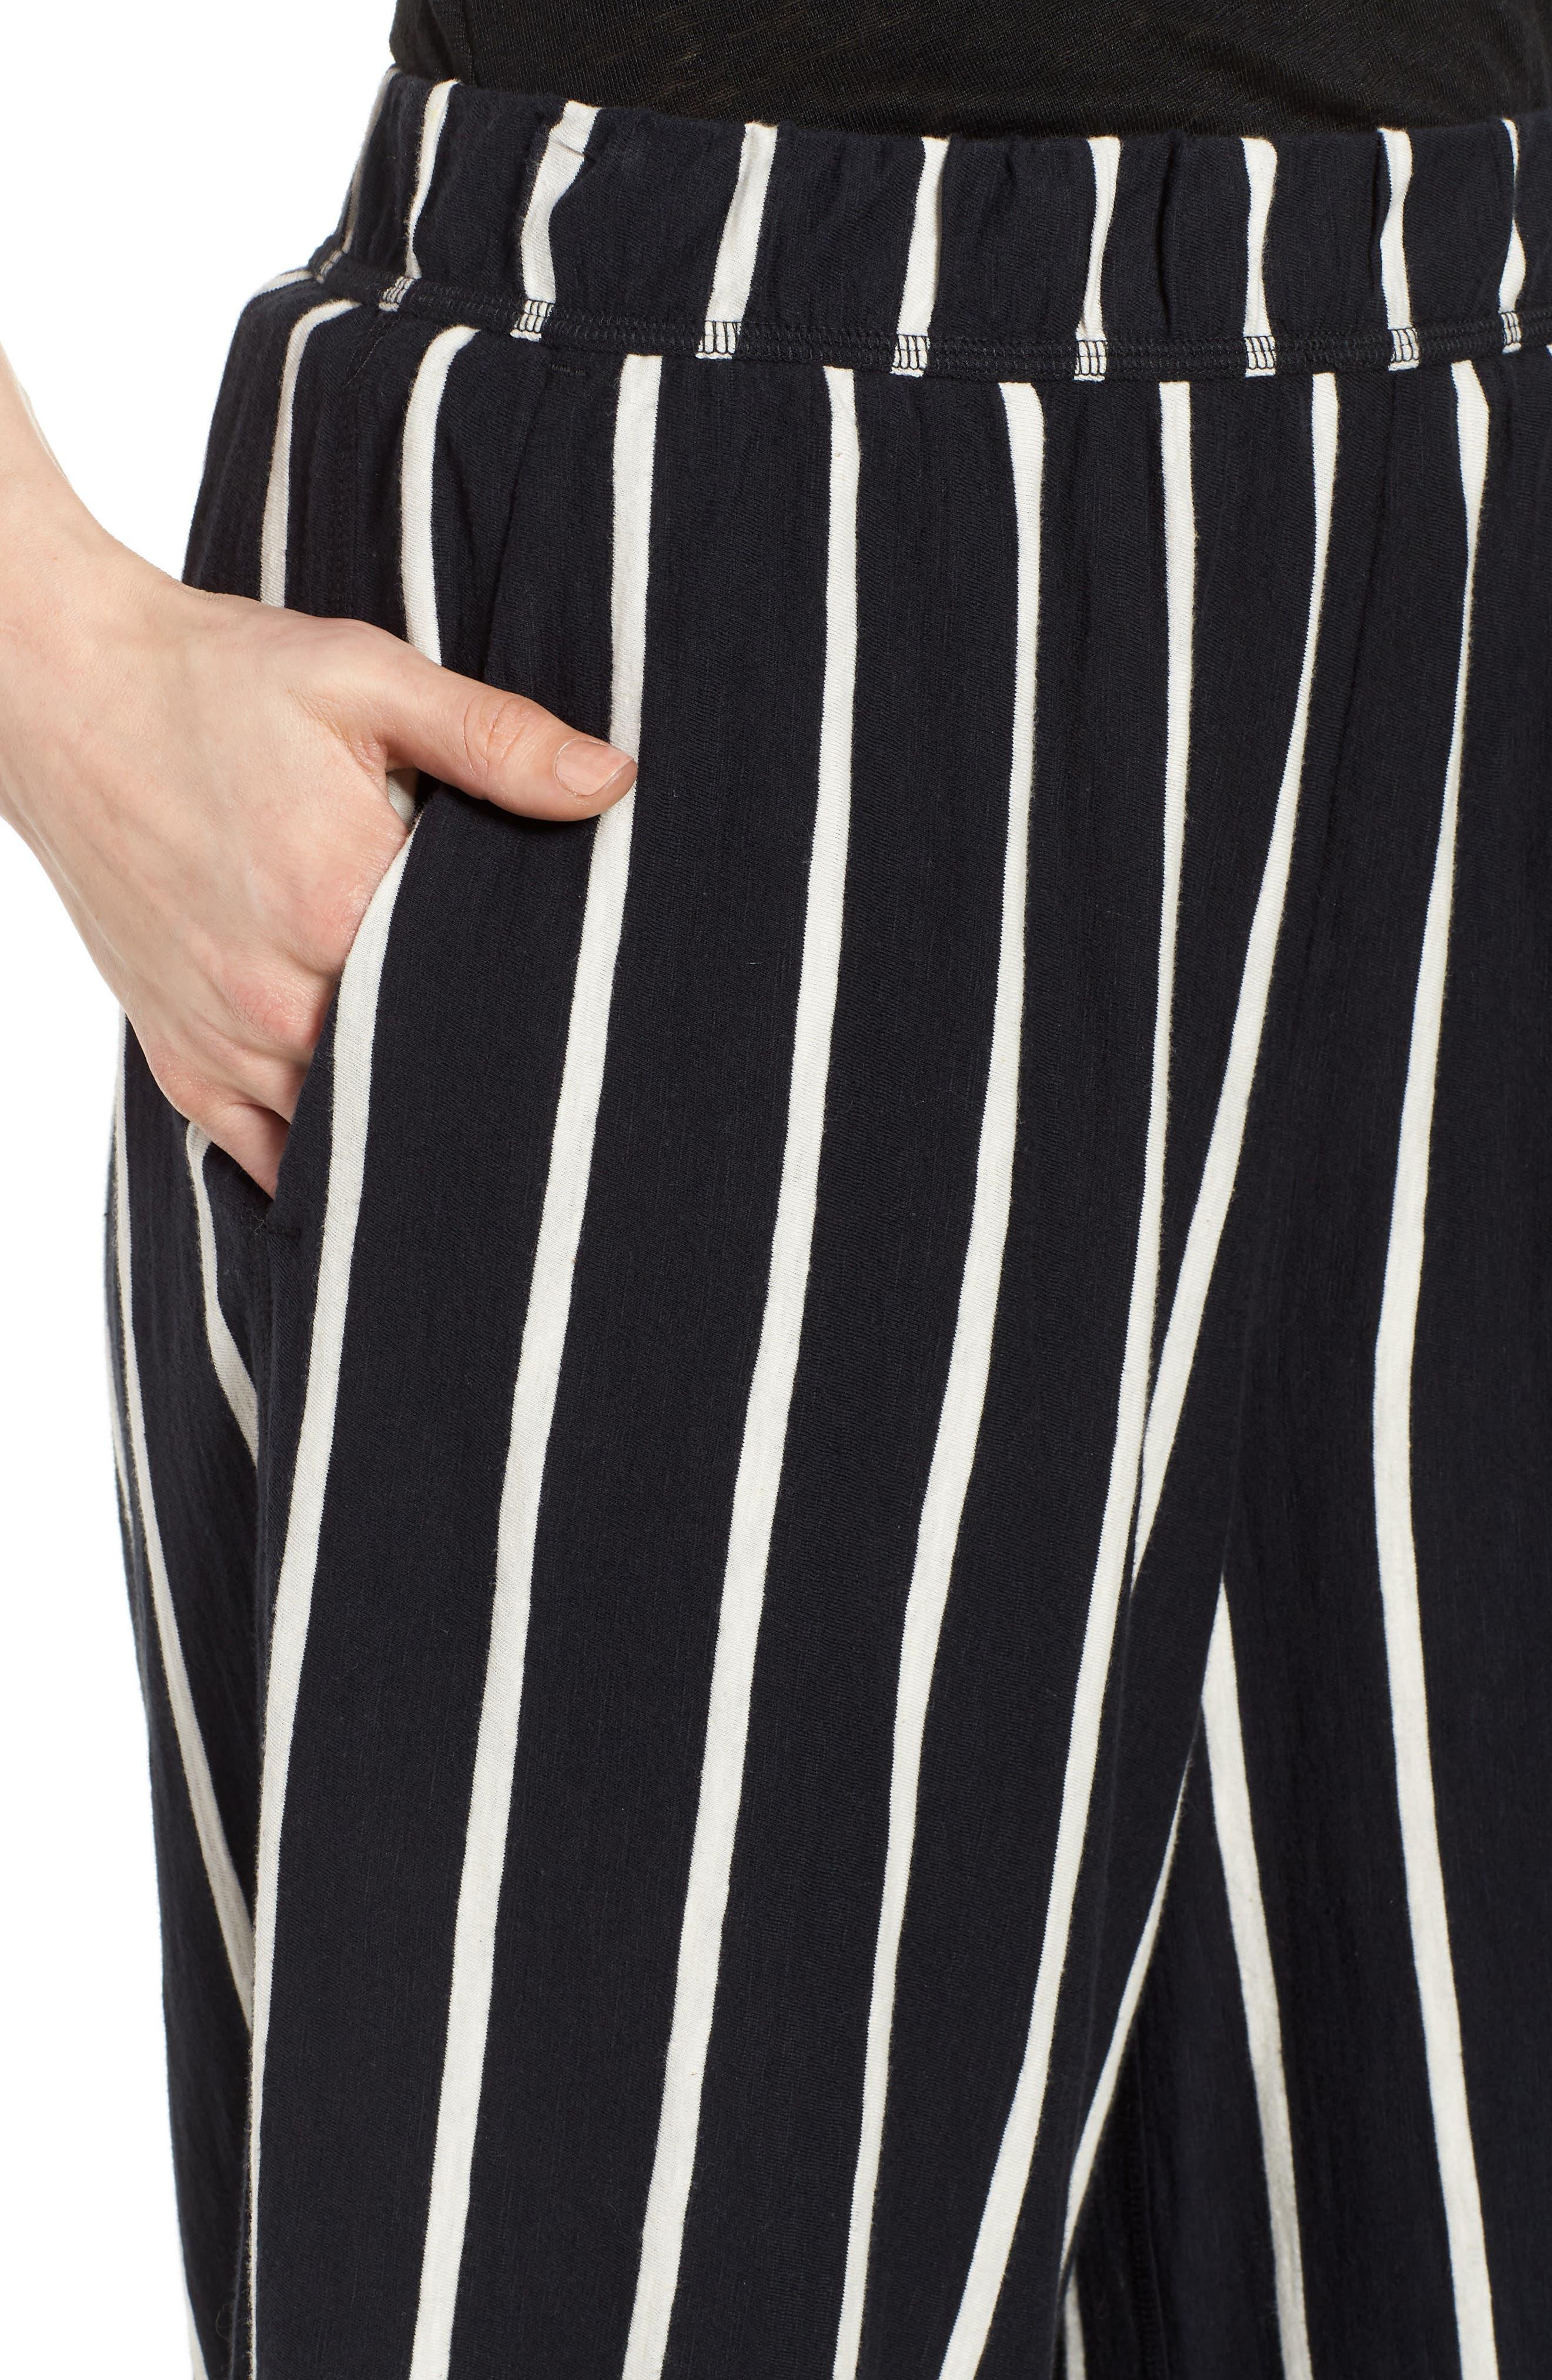 Stripe Organic Cotton Capri Pants,                             Alternate thumbnail 4, color,                             018